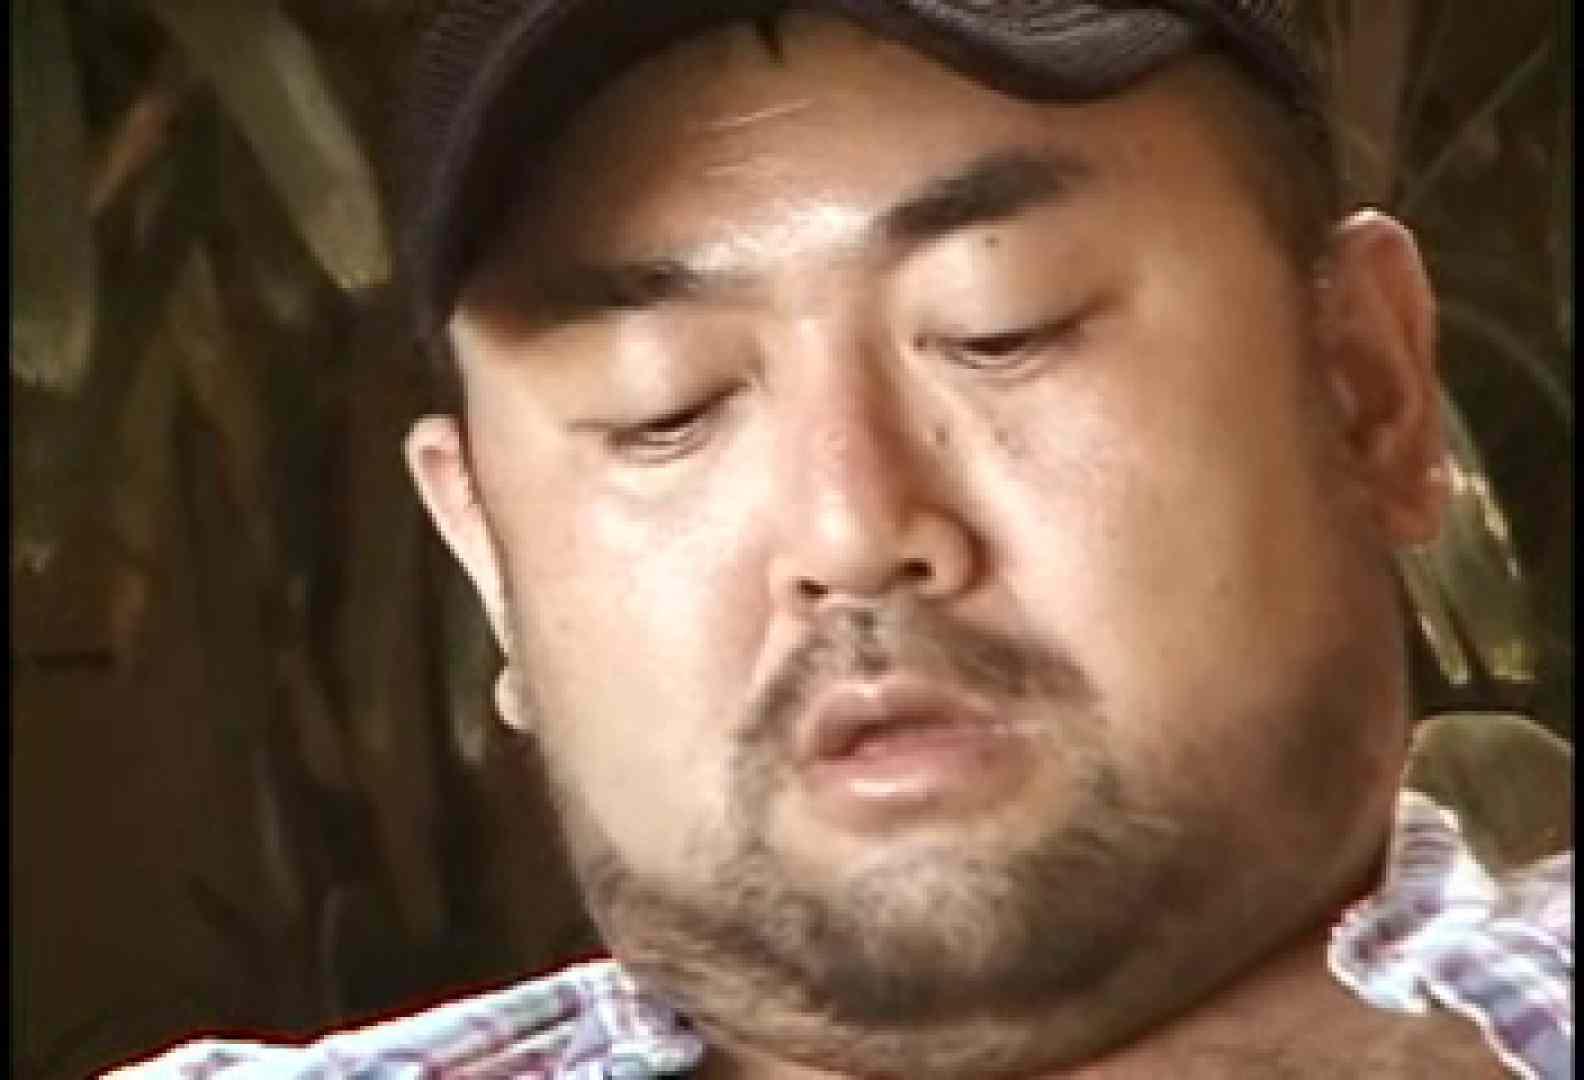 お茶目な熊五郎!! ディルドまつり | 責め ゲイエロ動画 12連発 6